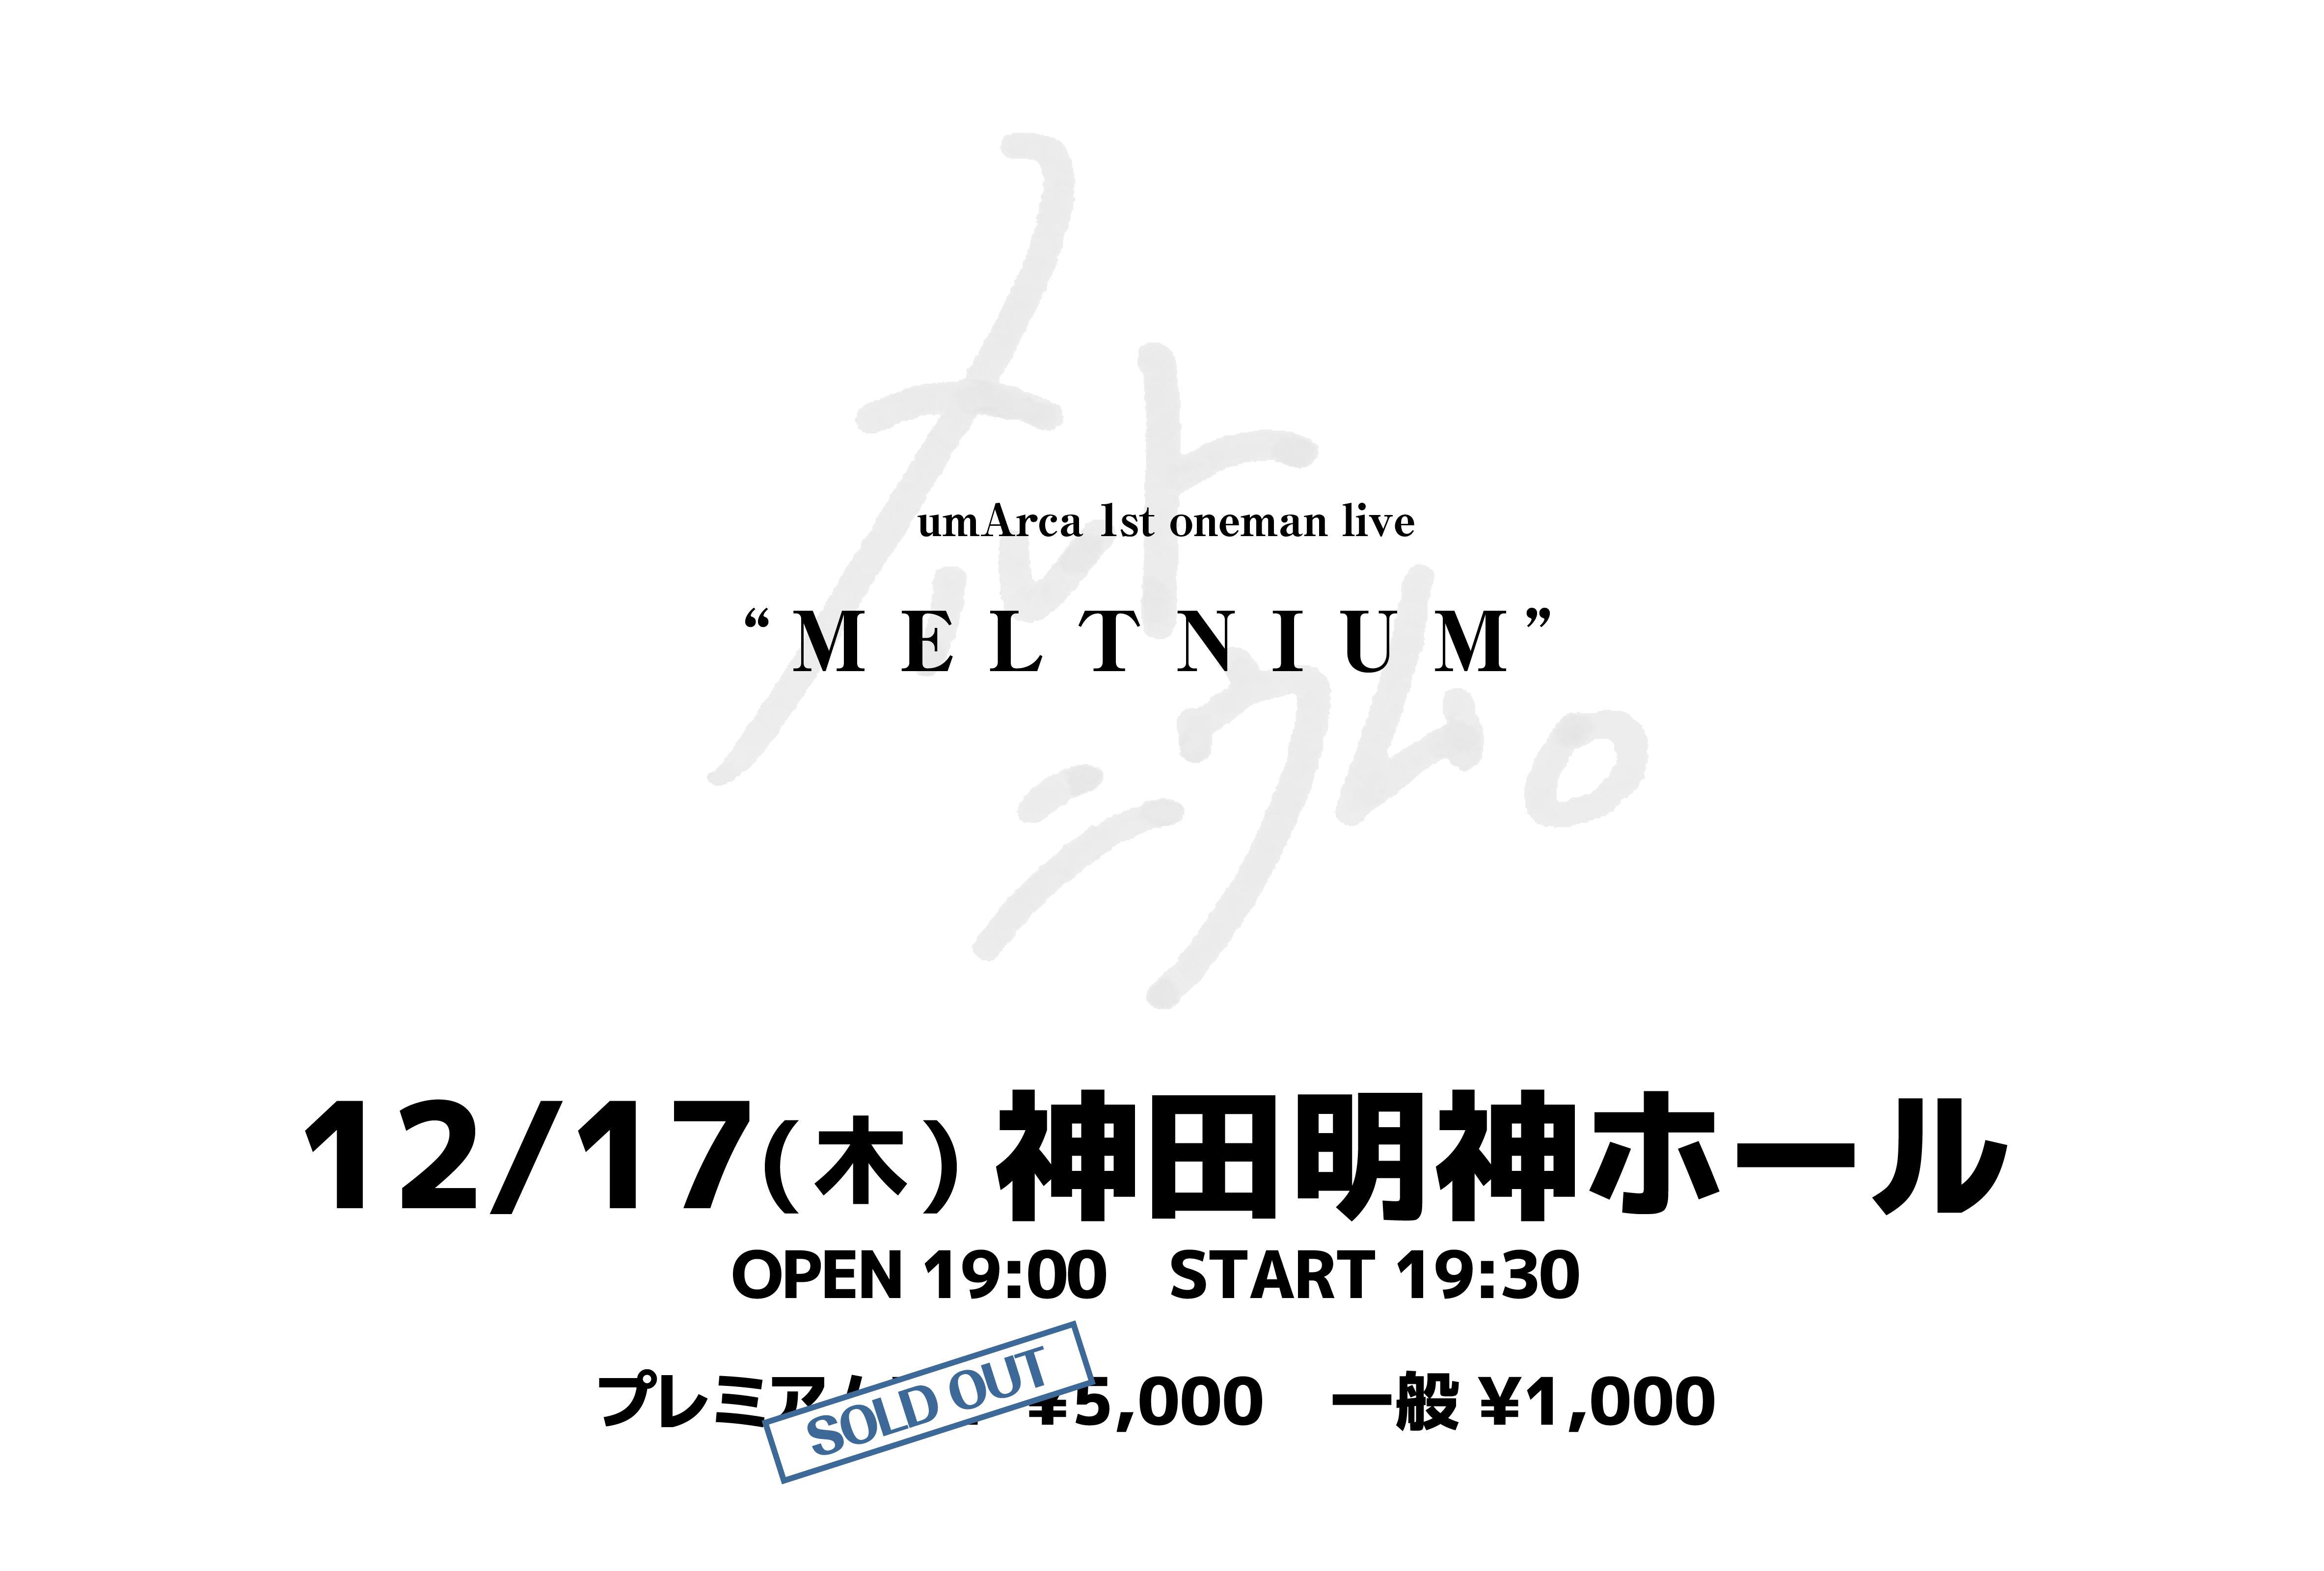 アンアルカ。 正式デビュー 1st ワンマンライブ「メルトニウム。」